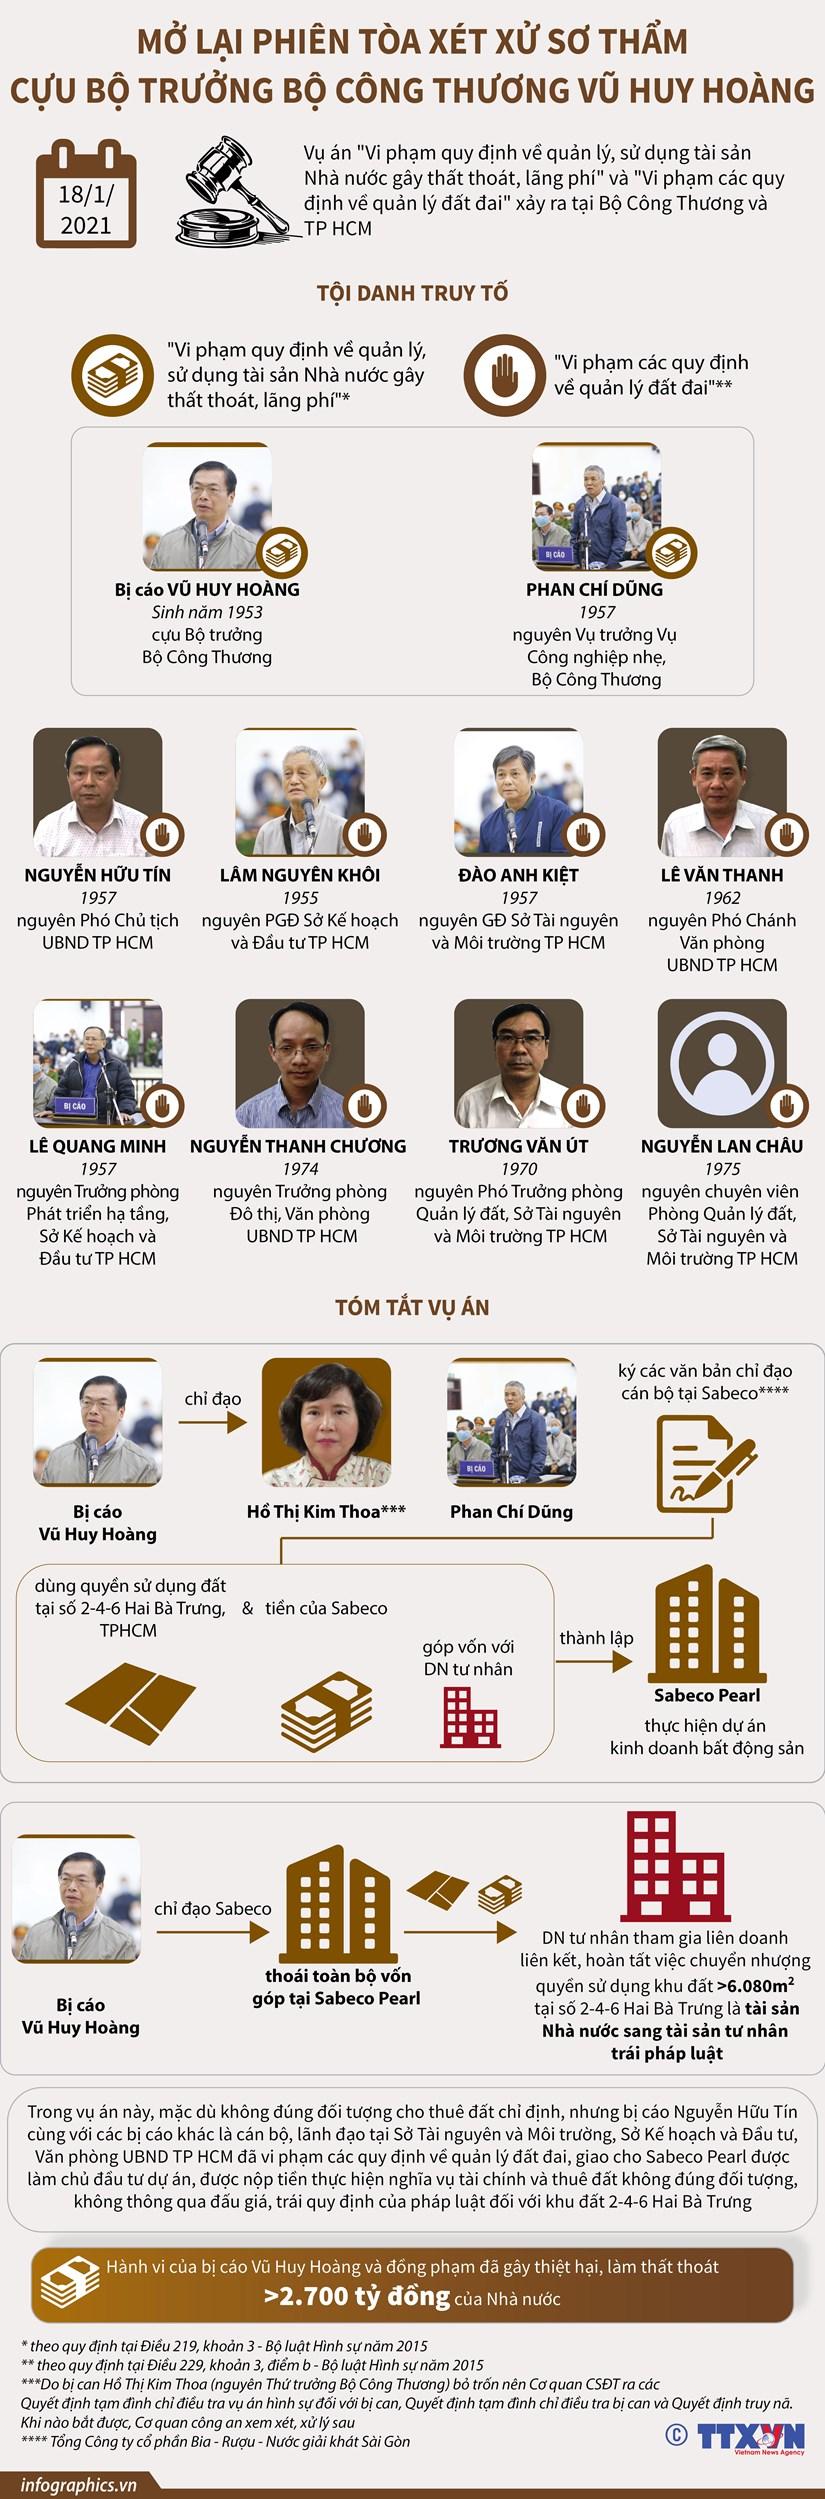 [Infographics] Mo lai phien toa xet xu so tham ong Vu Huy Hoang hinh anh 1